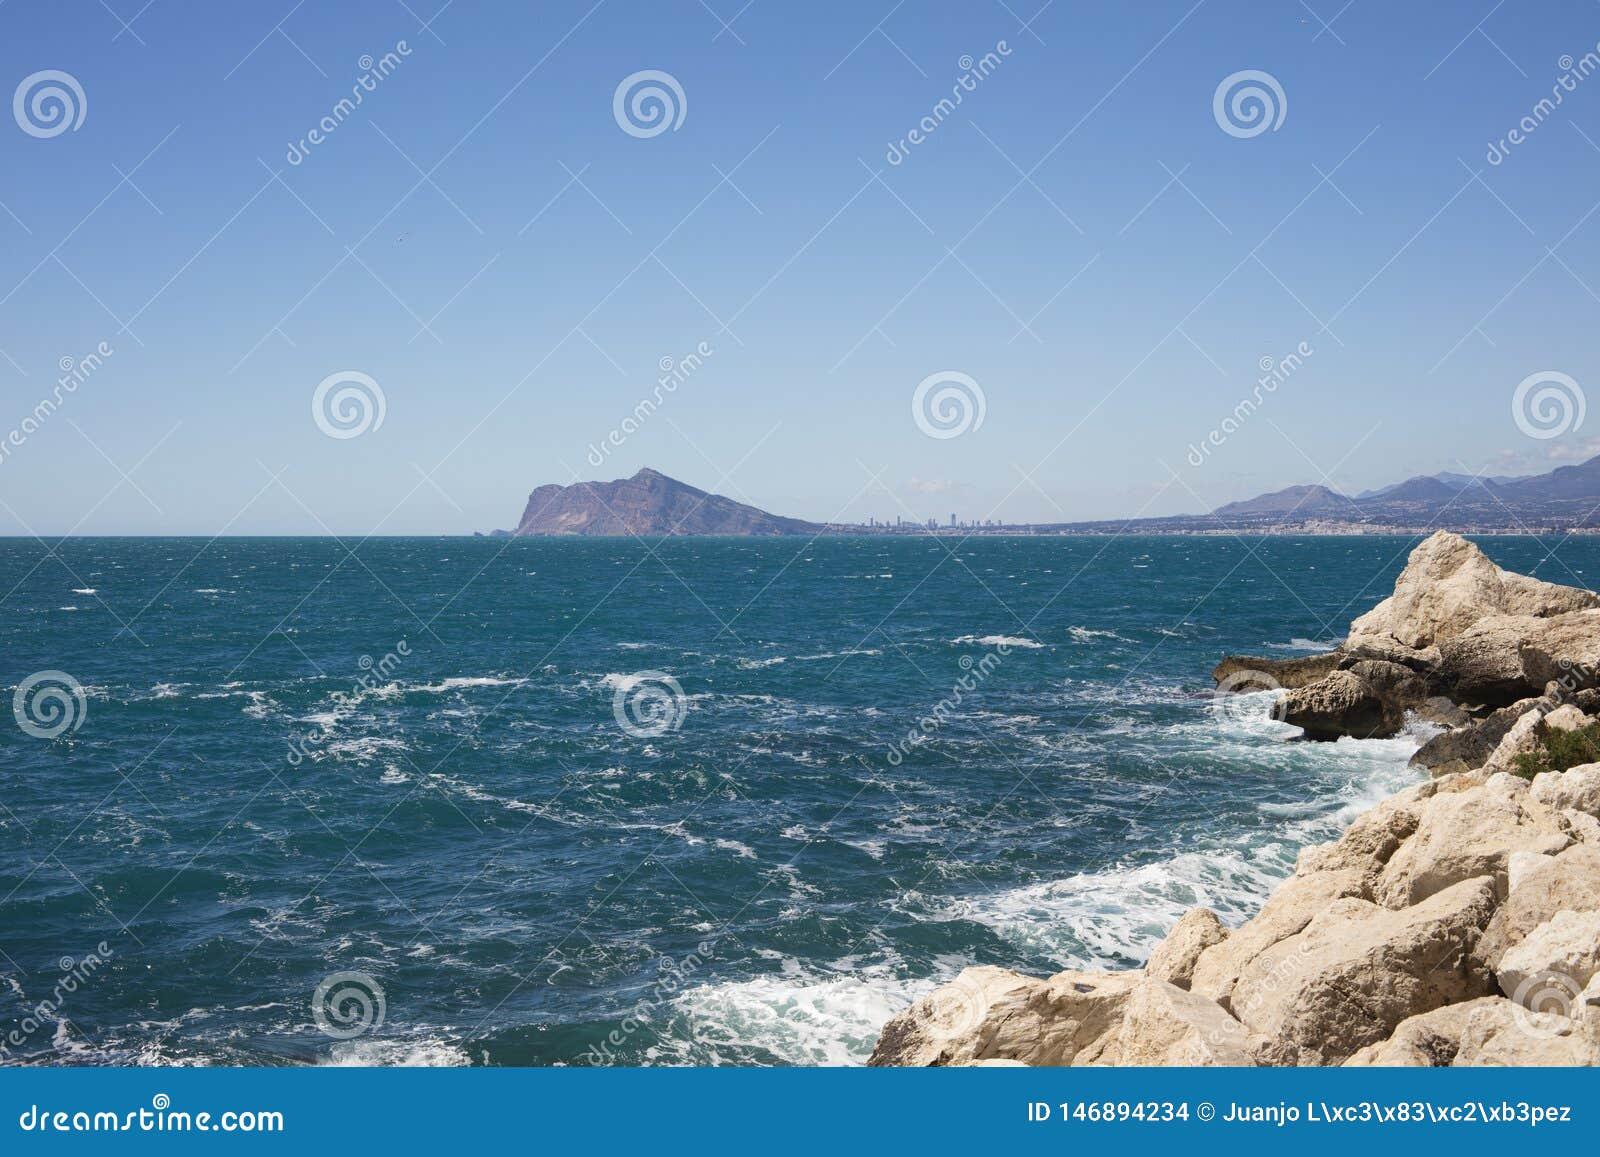 Dettaglio della spiaggia con turchese e del mare blu con Altea e Benidorm nel fondo